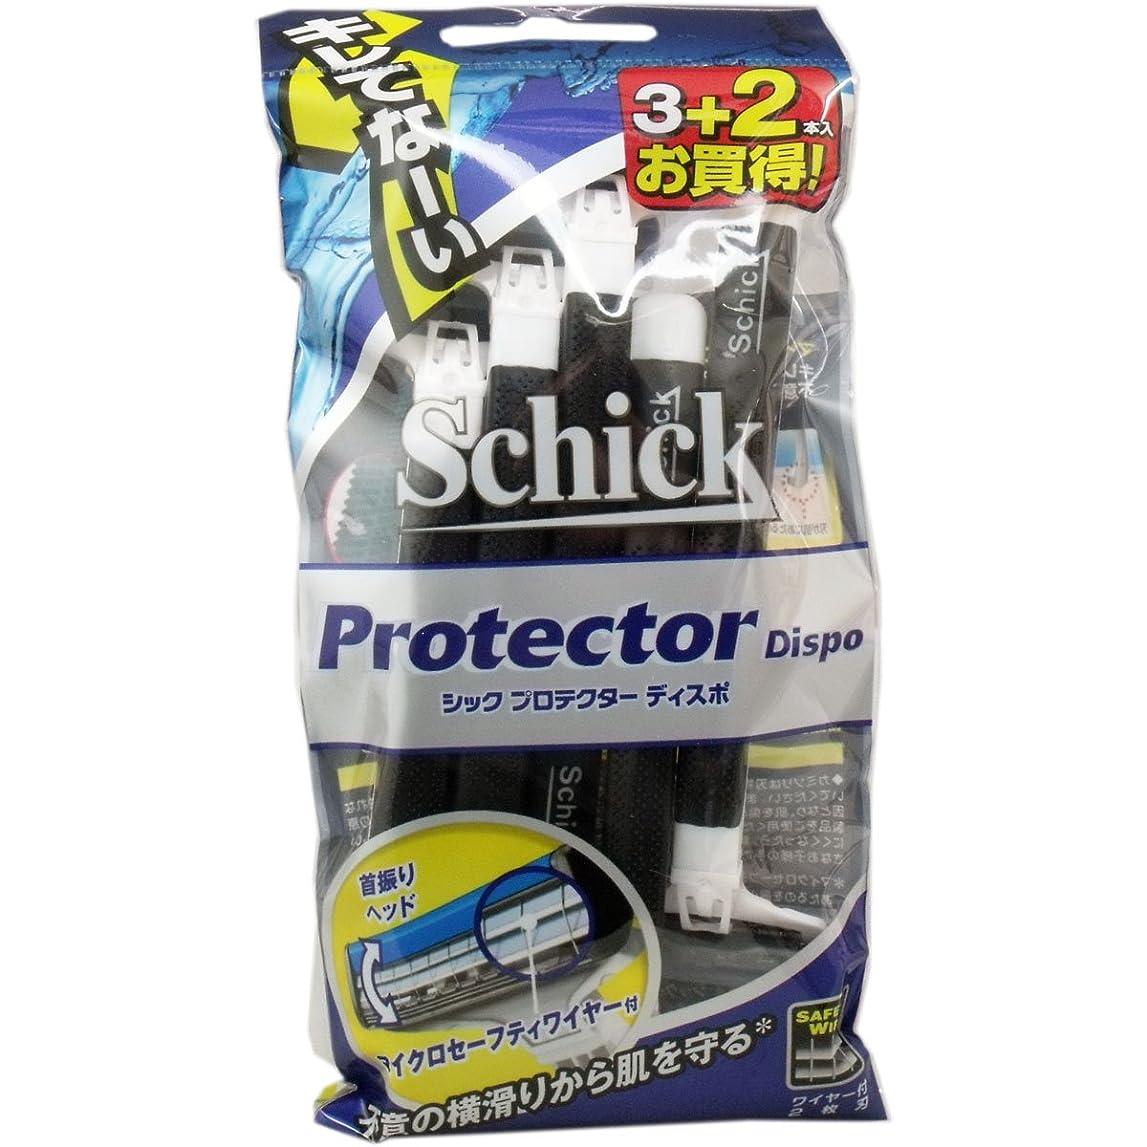 シック プロテクター ディスポ ワイヤー付2枚刃 3本入